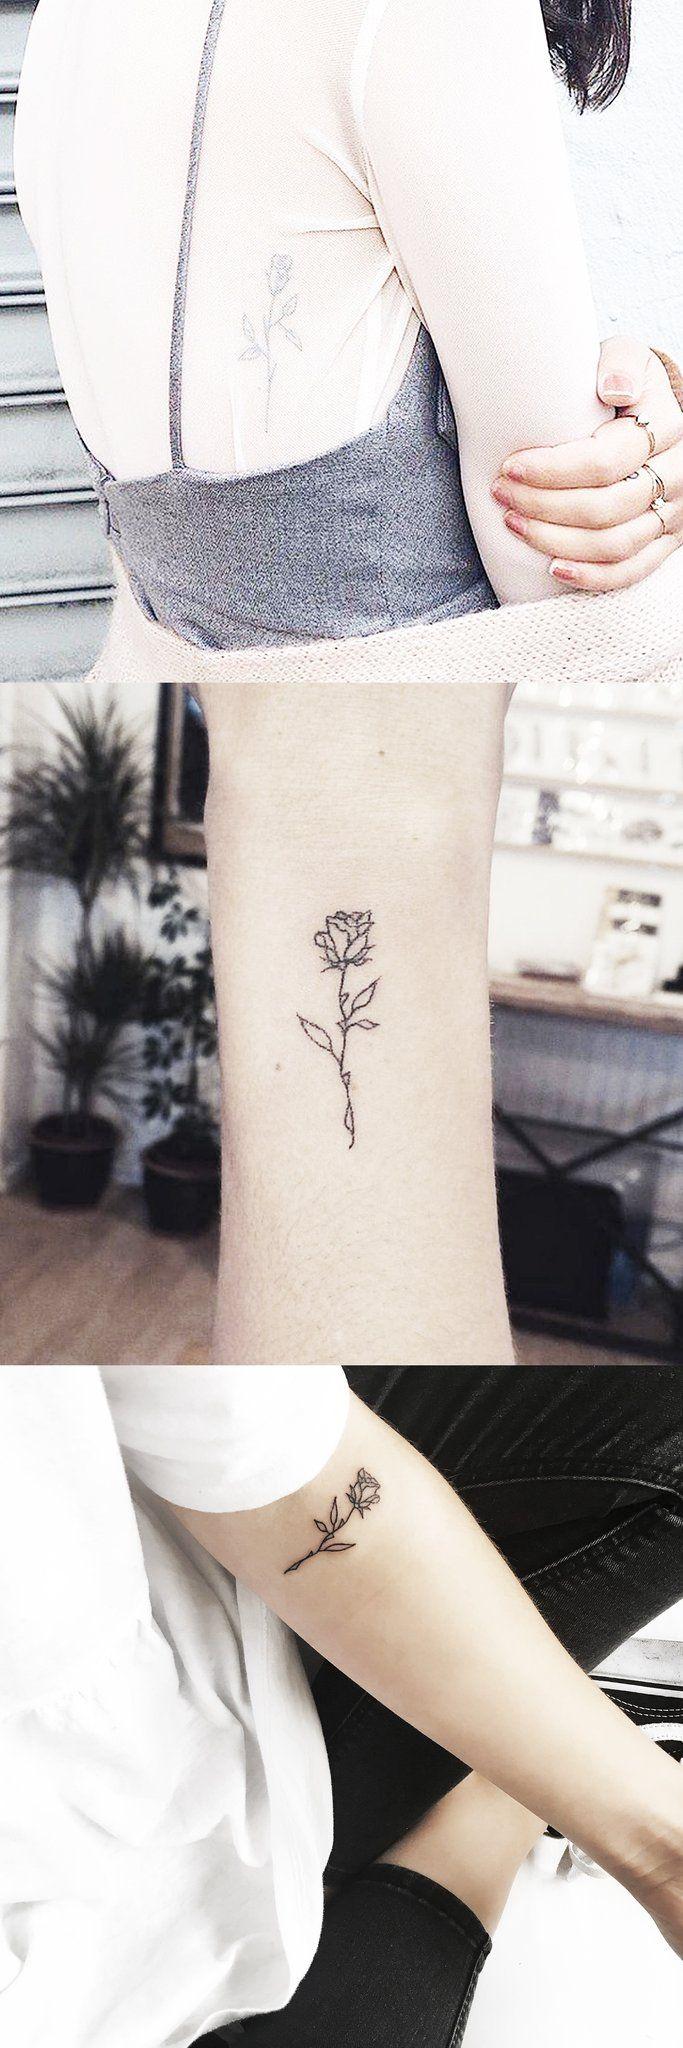 Small Cute Full Rose Wrist Tattoo Ideas - Simple Floral Rib Tatt - Minimal Forearm Flower Tat - MyBodiArt.com